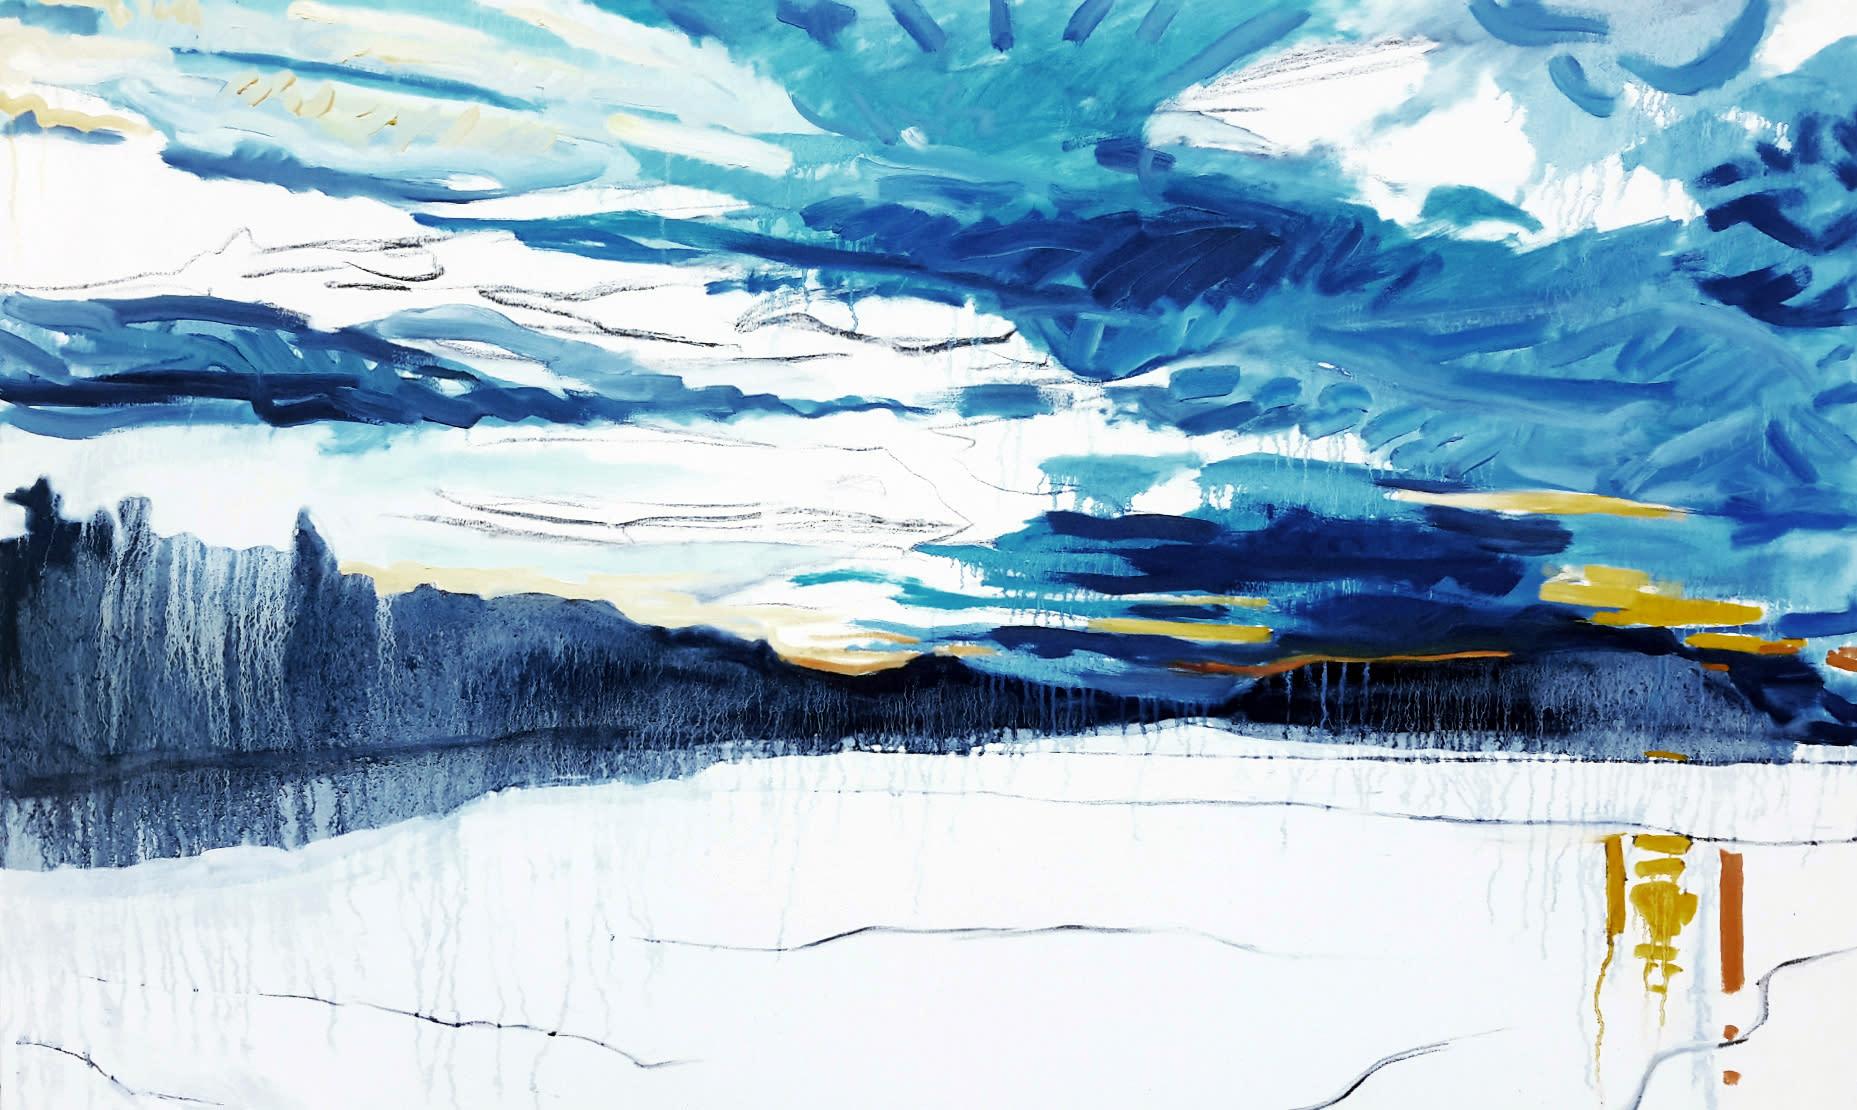 Winter morning svy3gr